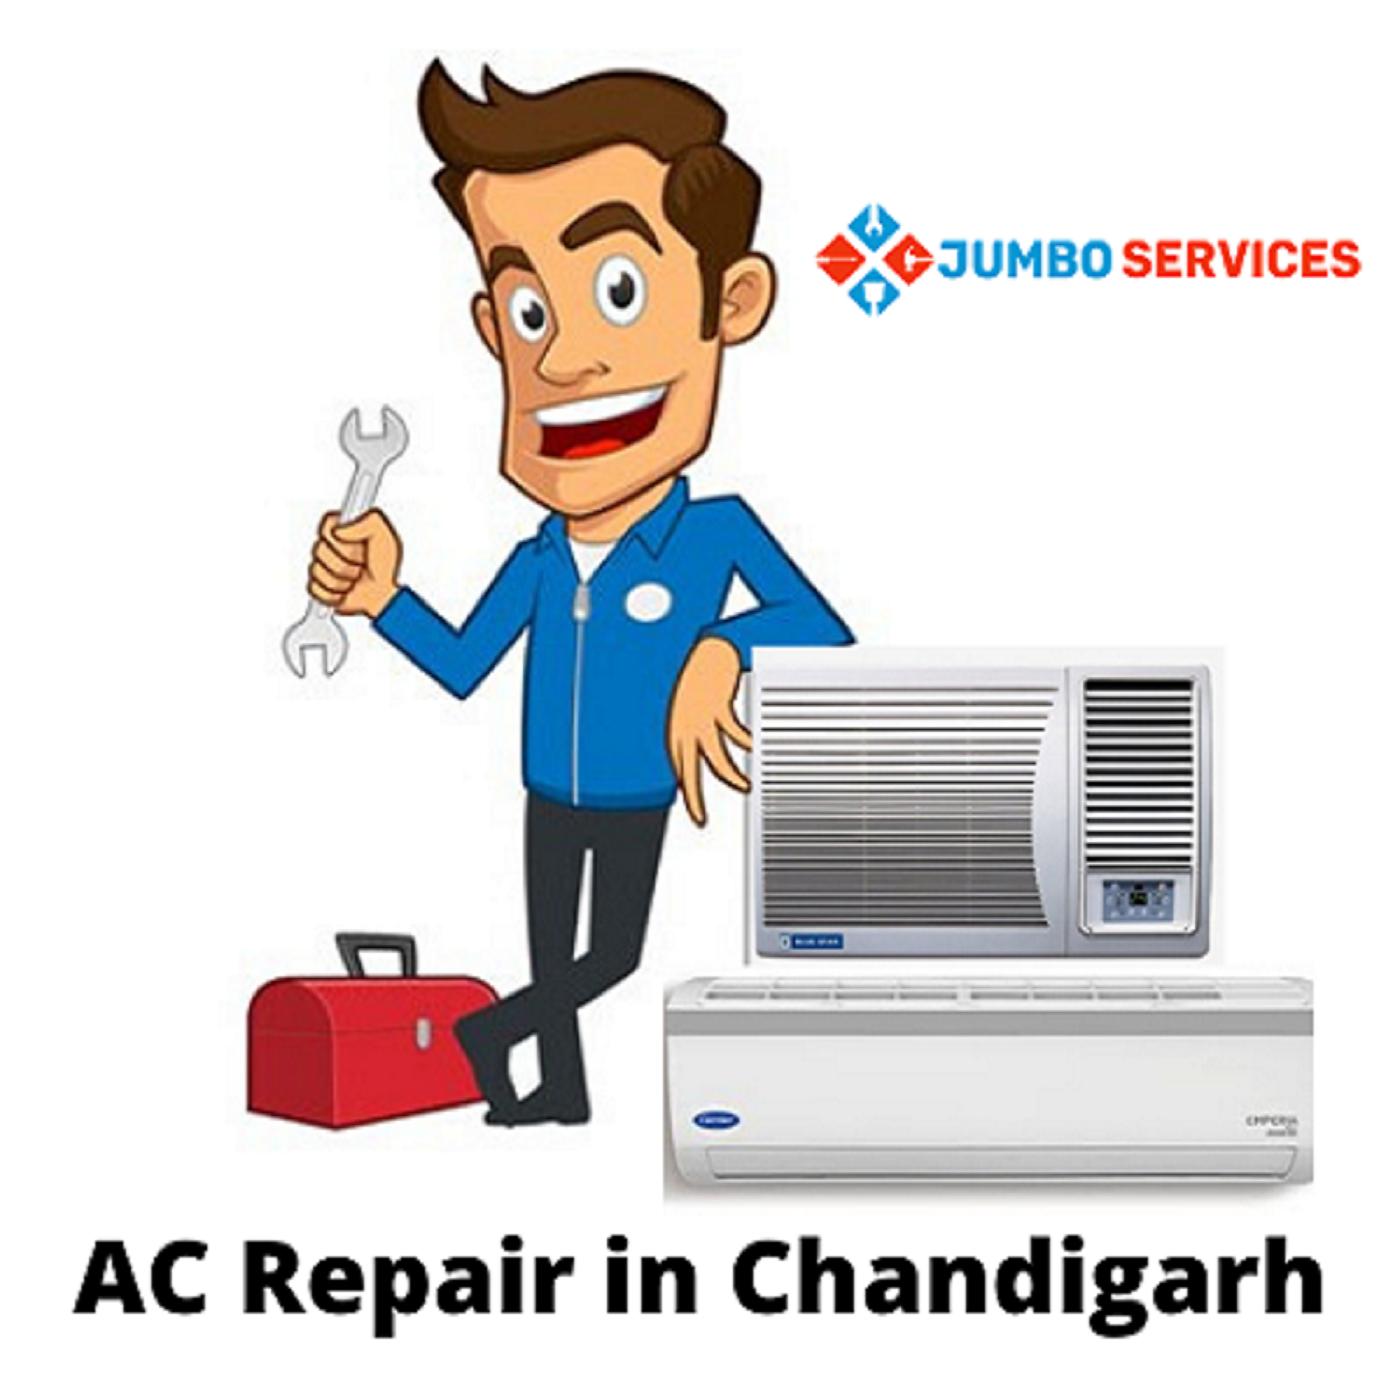 Ac Service In Chandigarh In 2020 Ac Repair Ac Repair Services Ac Service